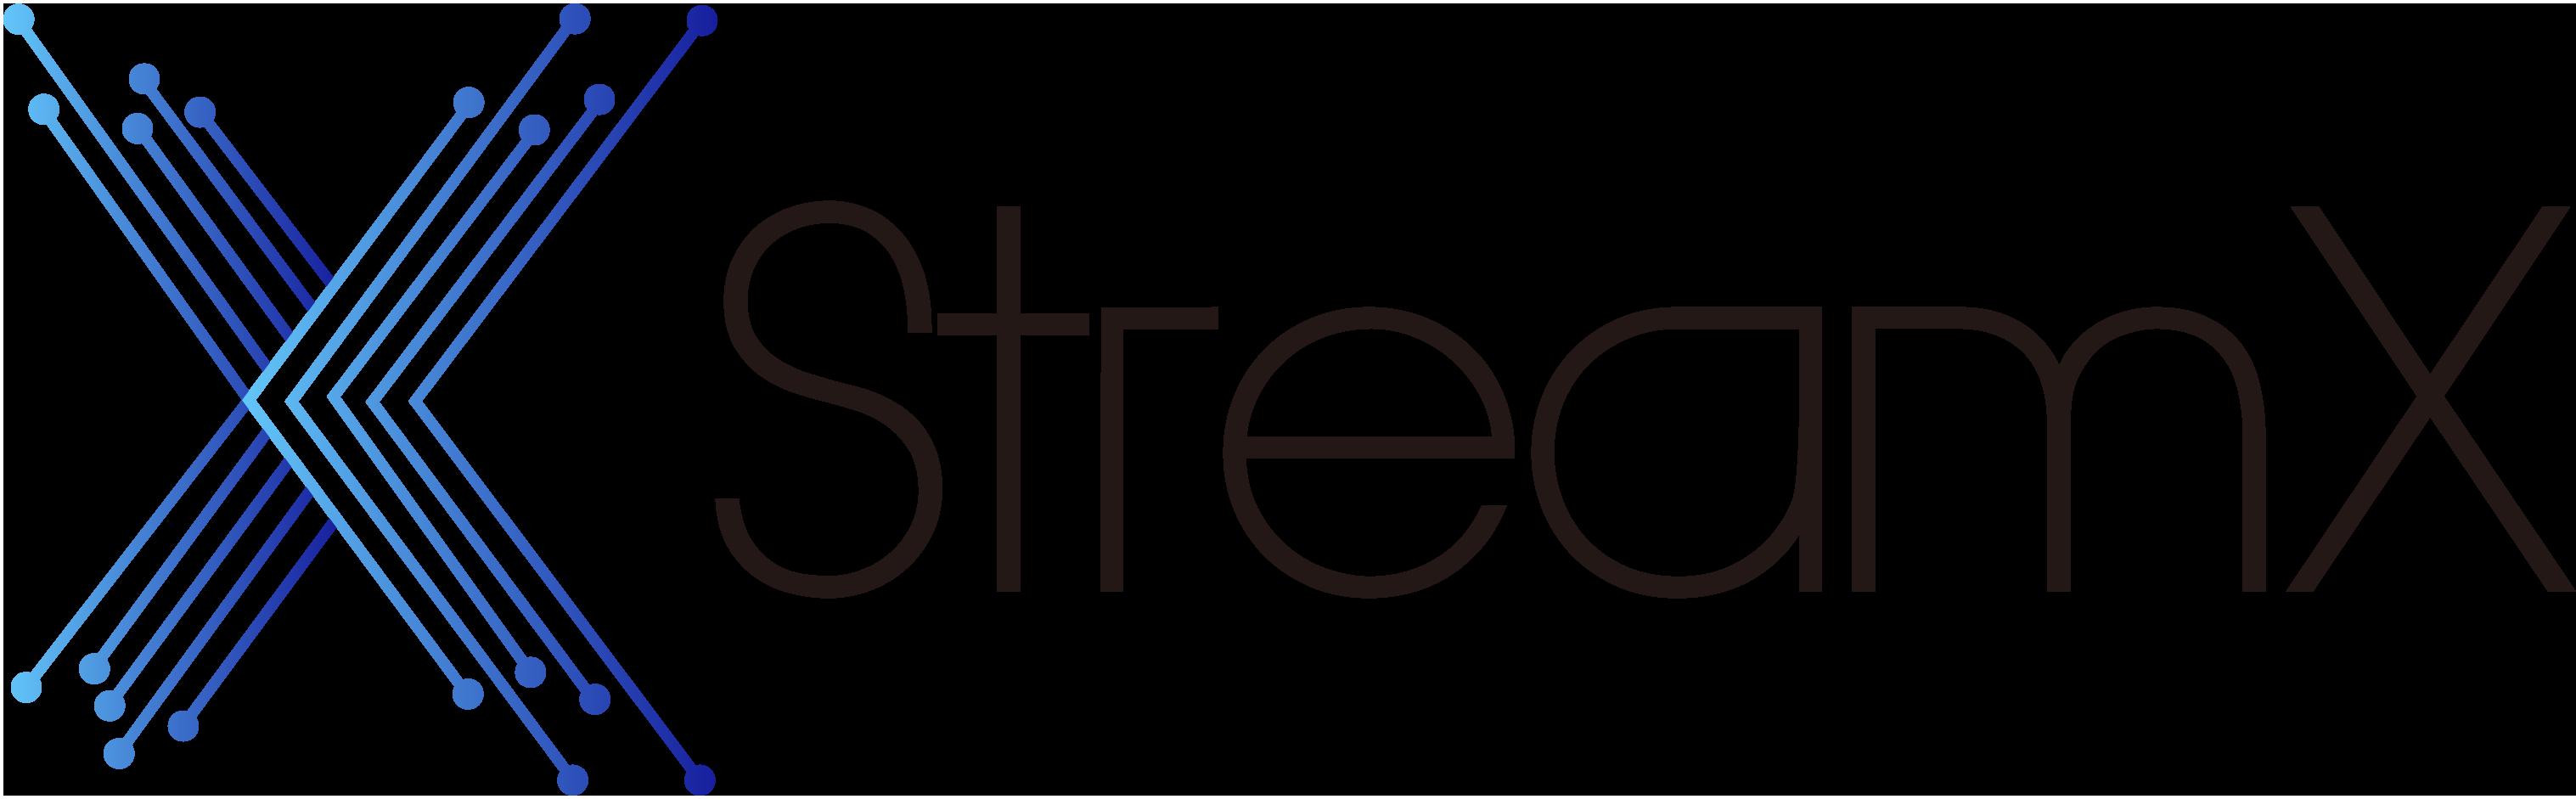 StreamX logo